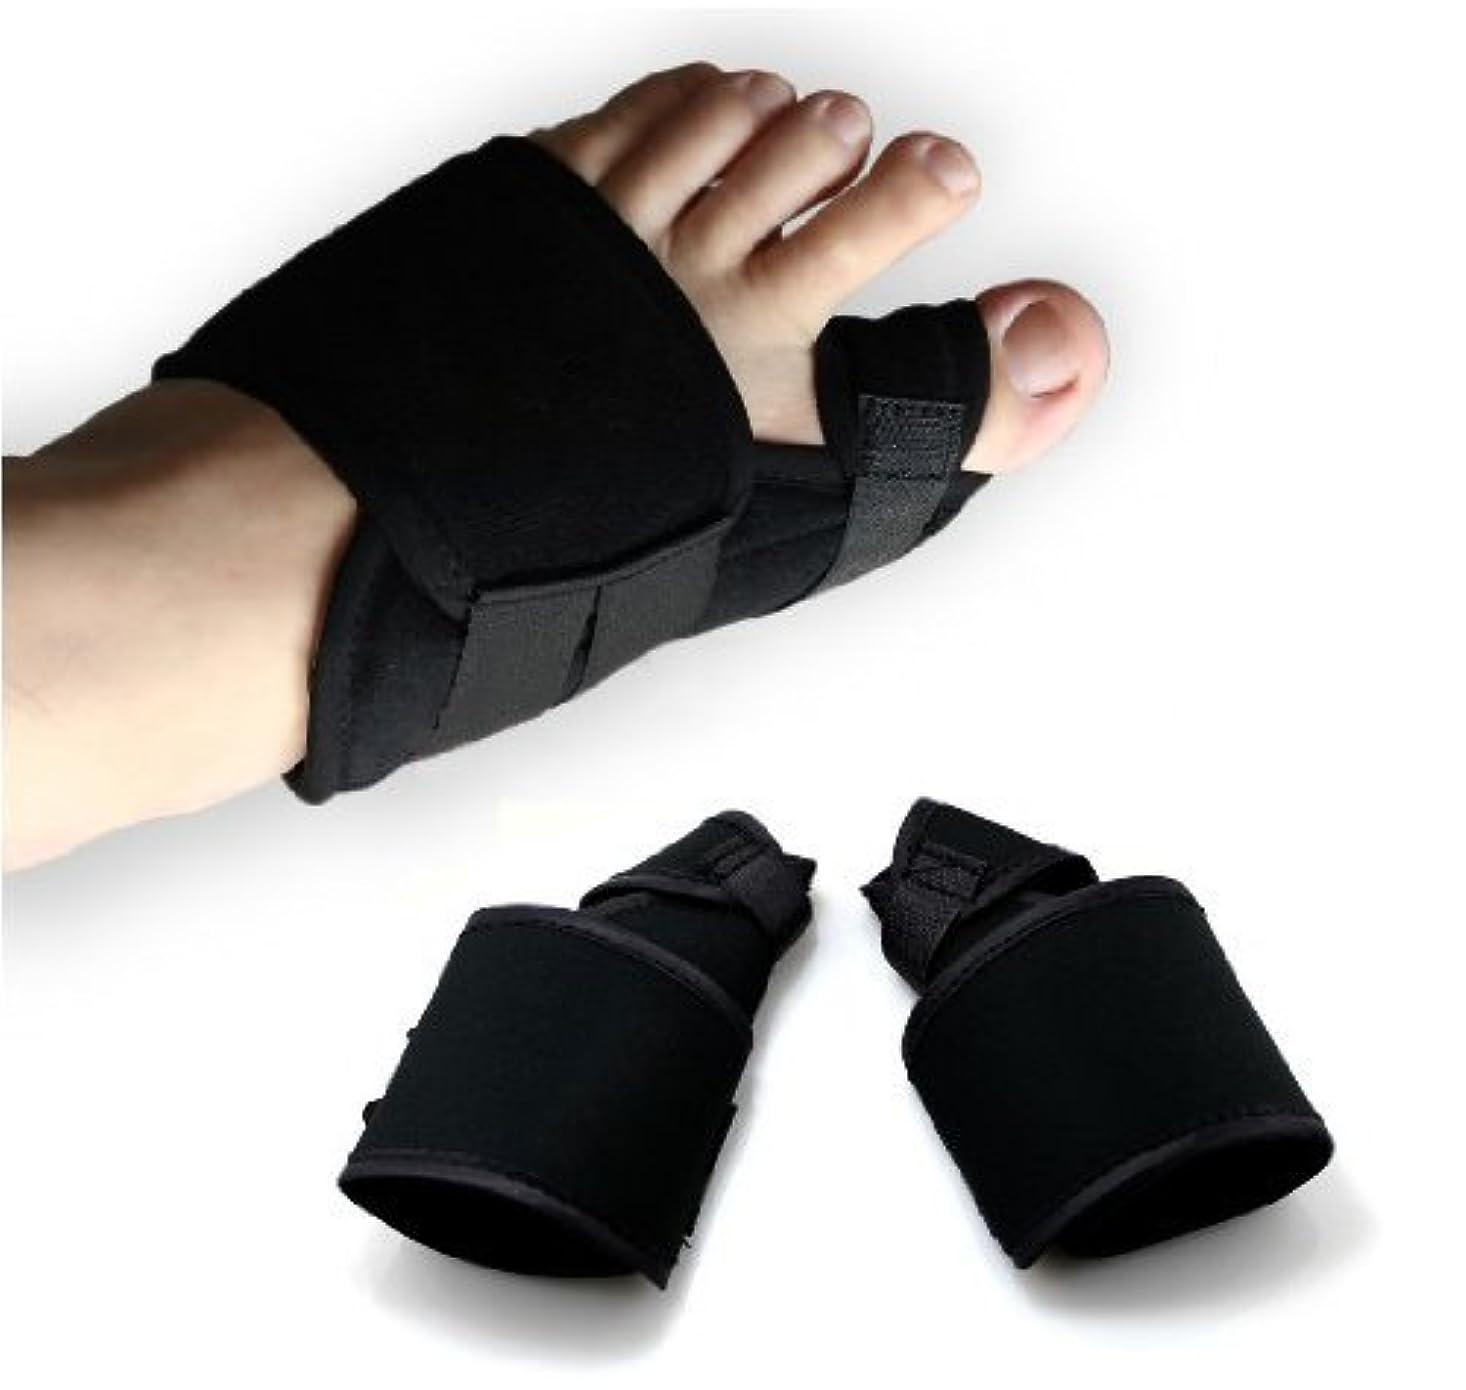 監査合法引き出しUTOKY 外反母趾サポーター 両足セット 辛い痛みを抑える外反母趾サポーター